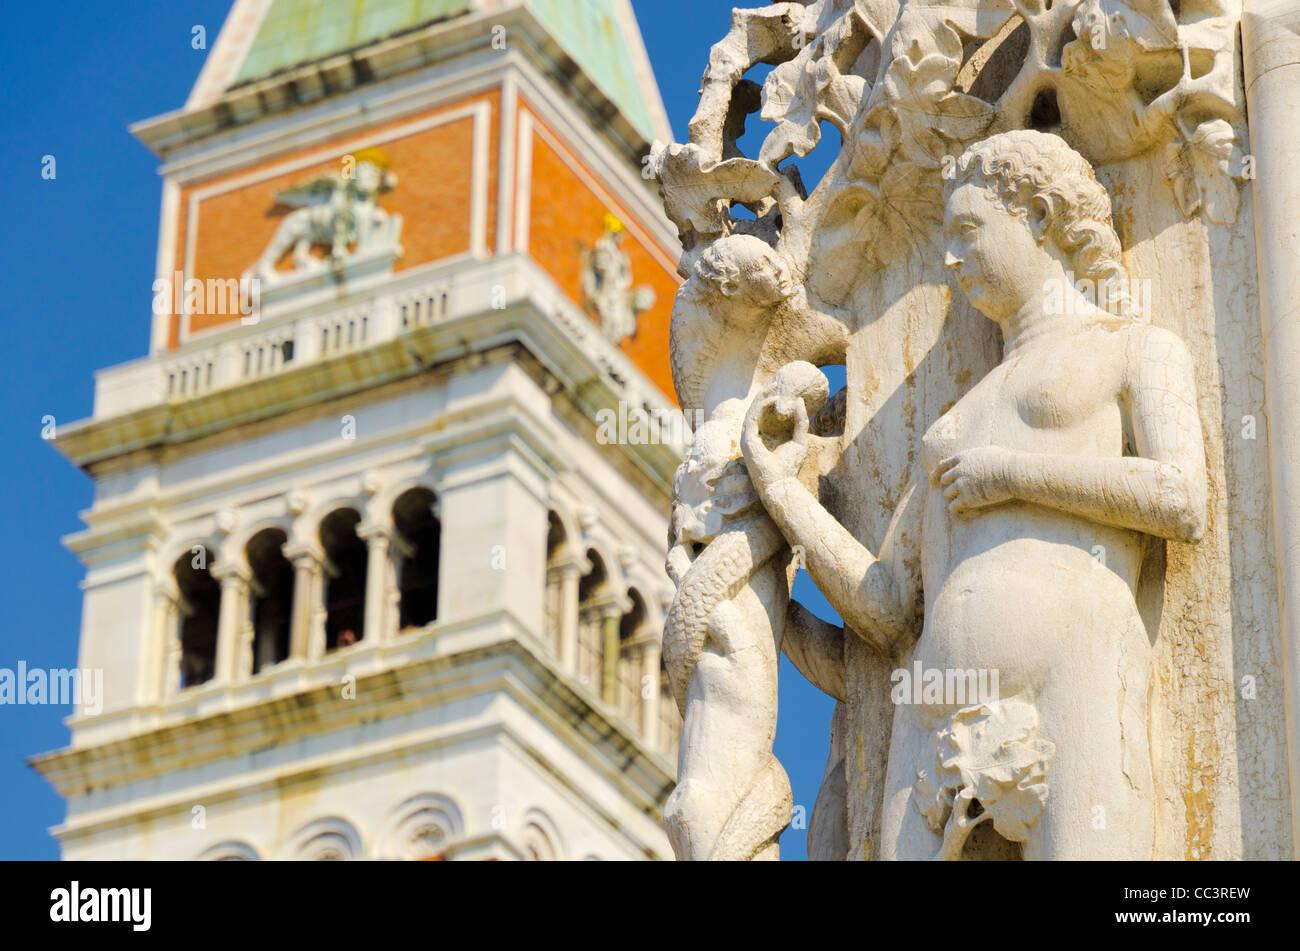 Italien, Veneto, Venedig, der Campanile (Glockenturm) und Carven auf Ecke der Dogenpalast Stockbild